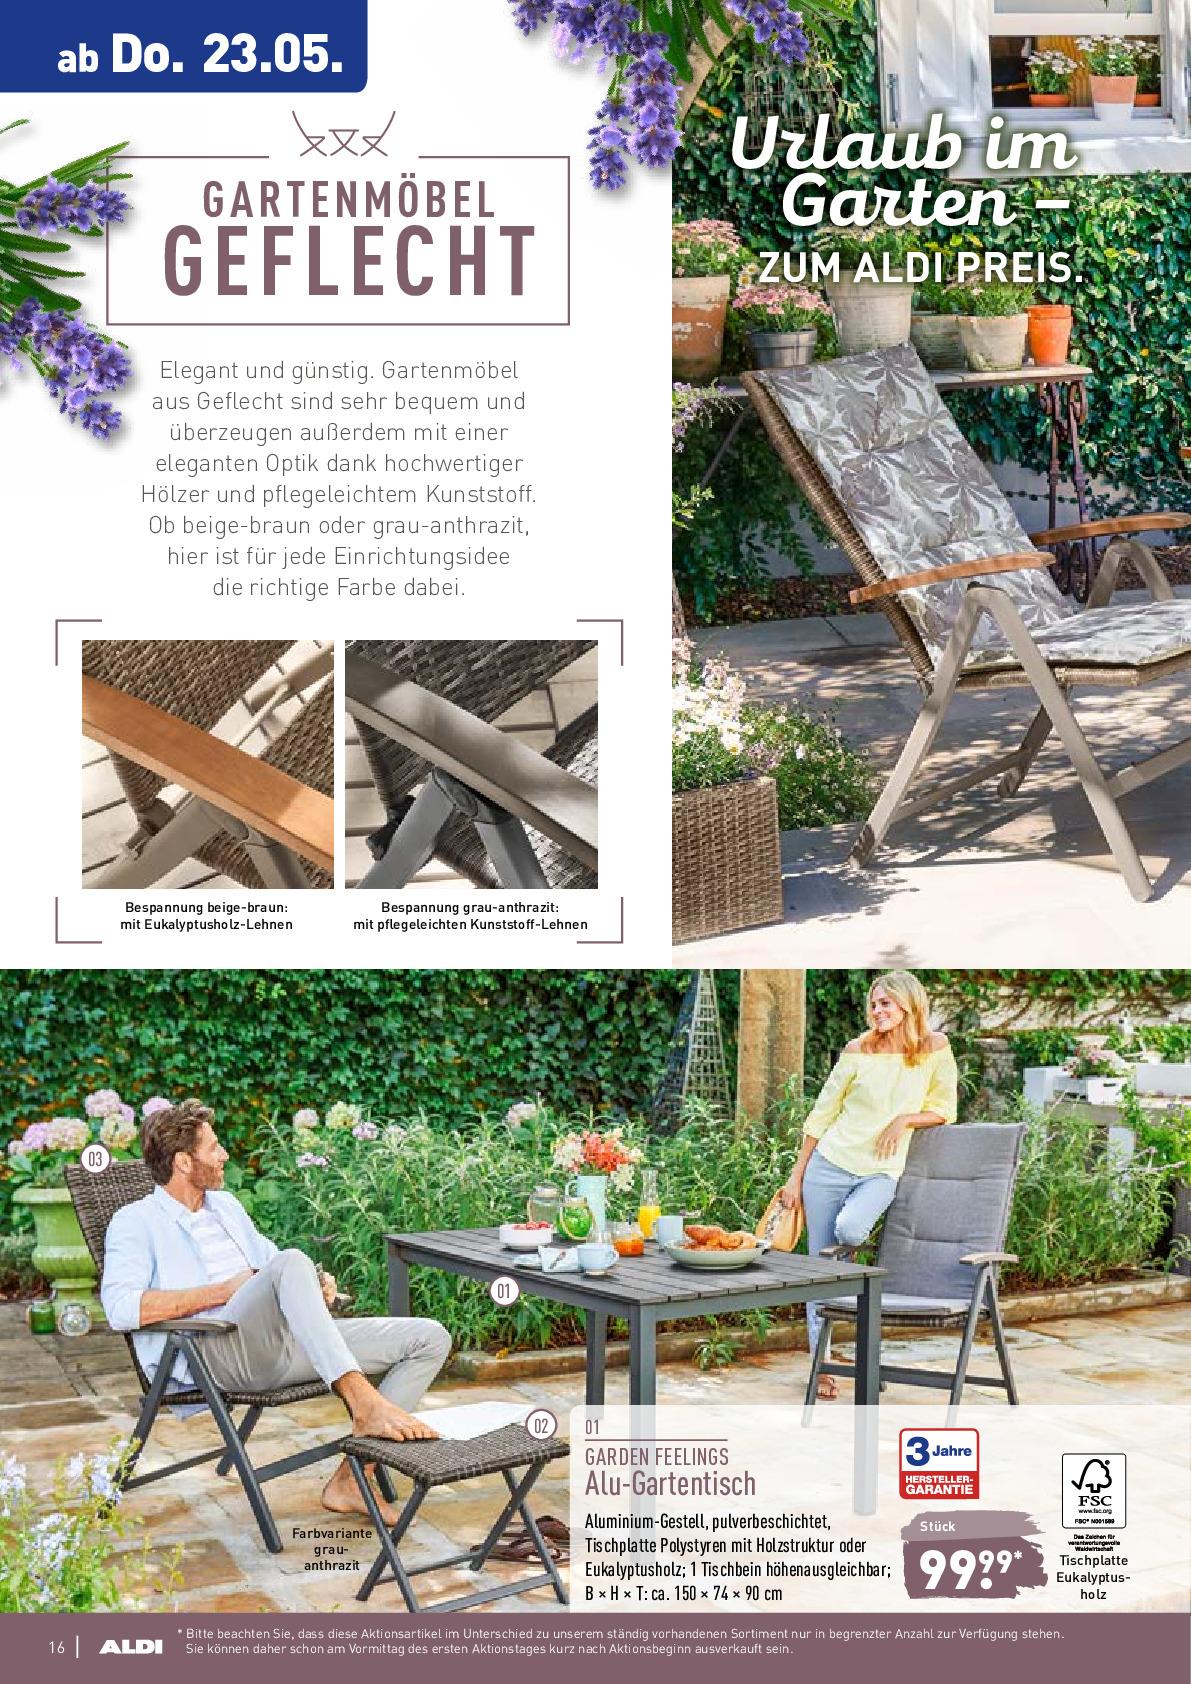 Full Size of Gartentisch Aldi Nord Prospekt Angebote Ab 20052019 Bis 25052019 Seite Relaxsessel Garten Wohnzimmer Gartentisch Aldi